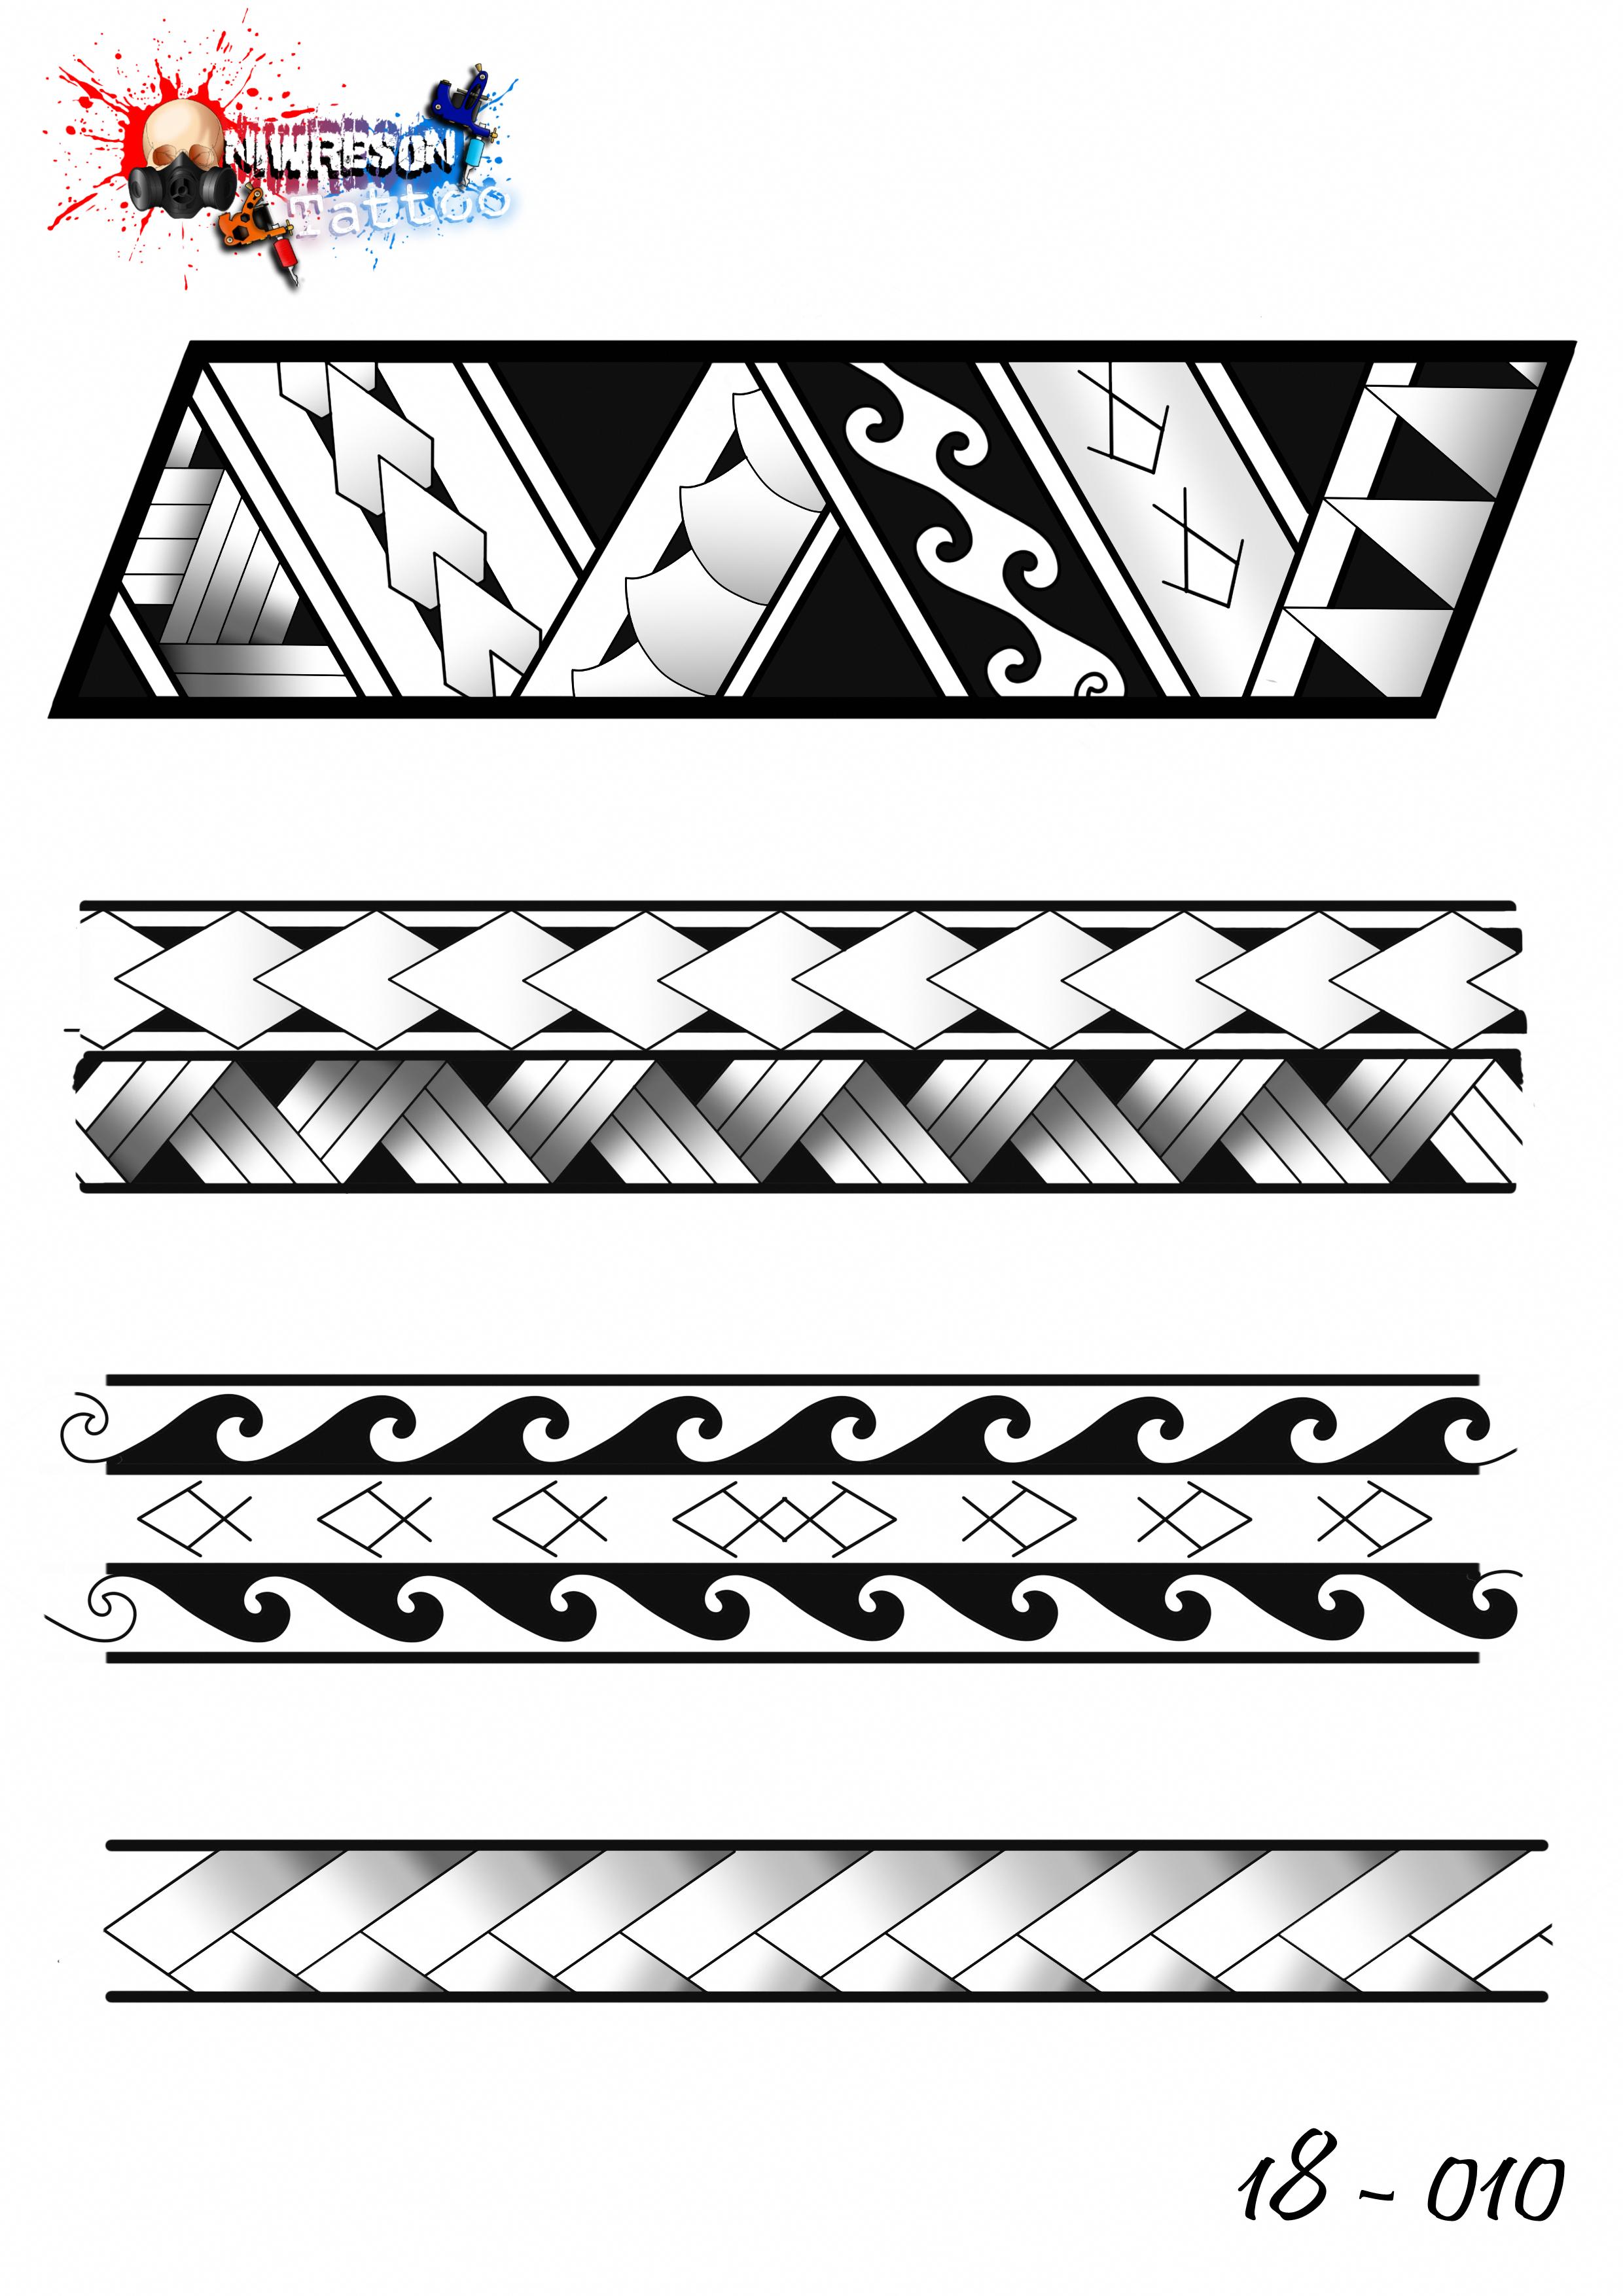 Maoritattoos Maori Tattoo Band Tattoo Designs Armband Tattoo Design